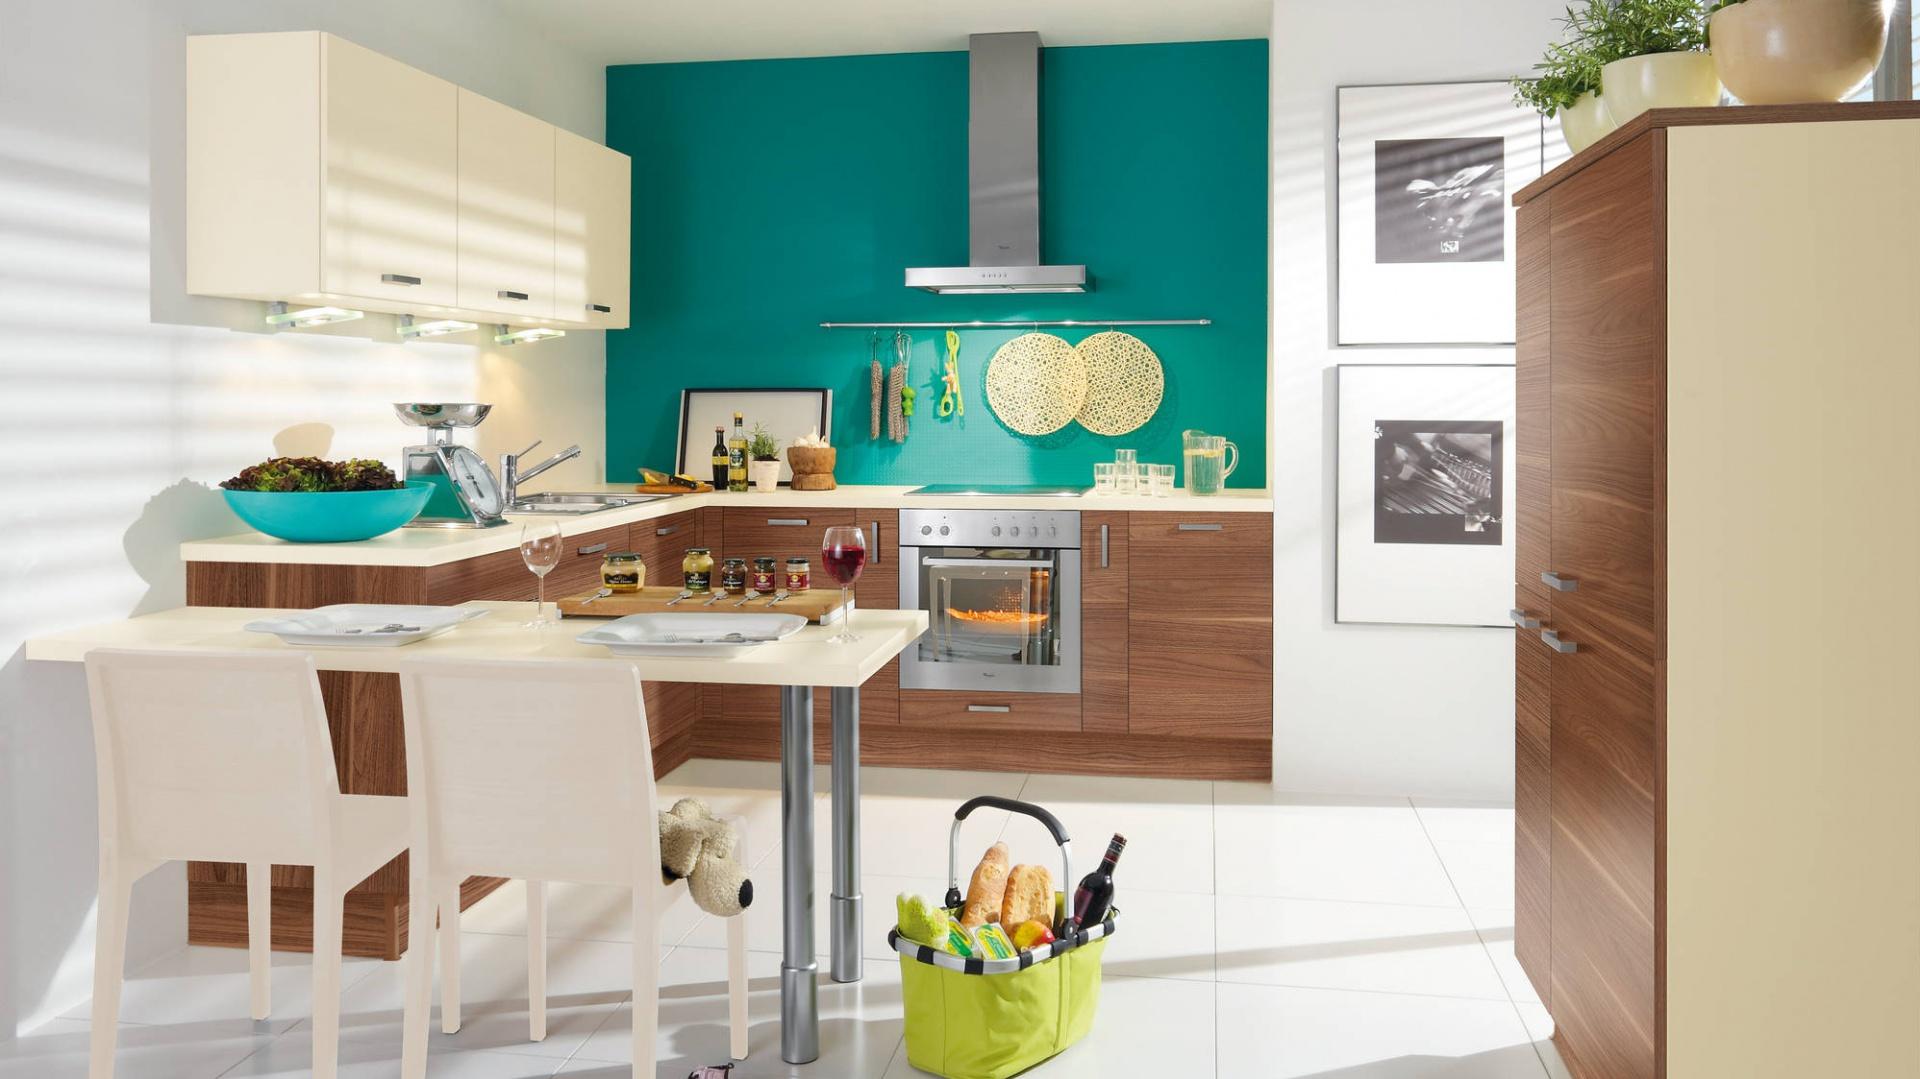 kuchnia z kolekcji pn 100 kuchnia dla rodziny tak mo esz j urz dzi strona 12. Black Bedroom Furniture Sets. Home Design Ideas